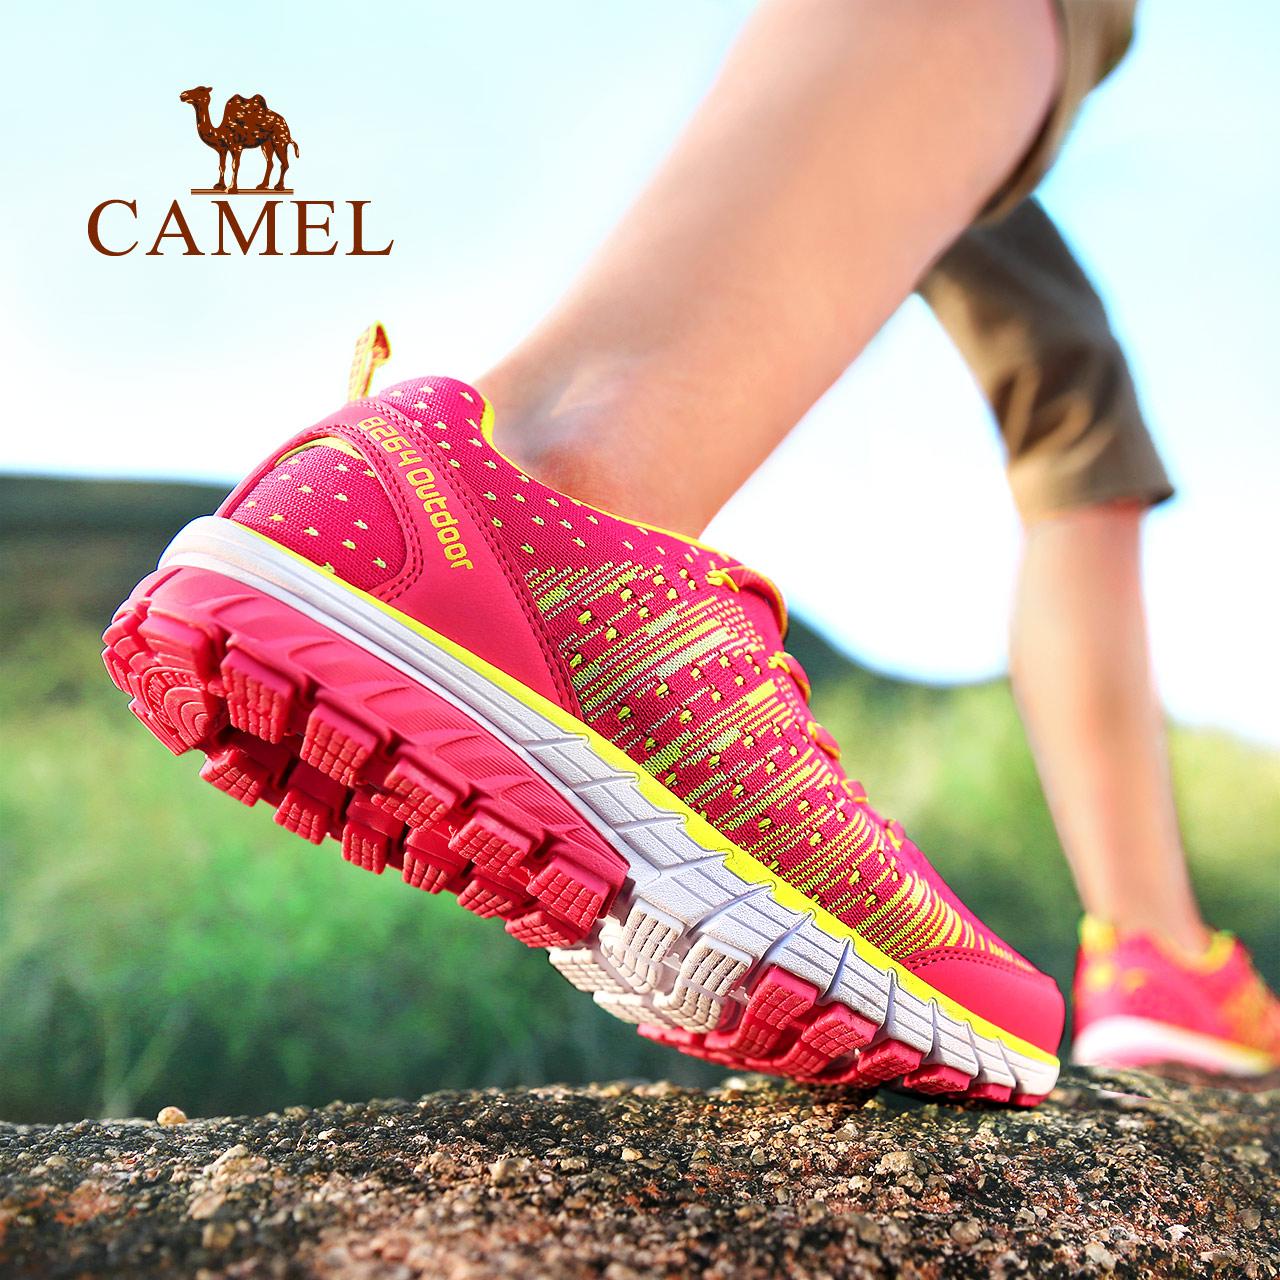 【双11预售】骆驼8264登山队越野跑鞋女士运动鞋轻便透气低帮鞋